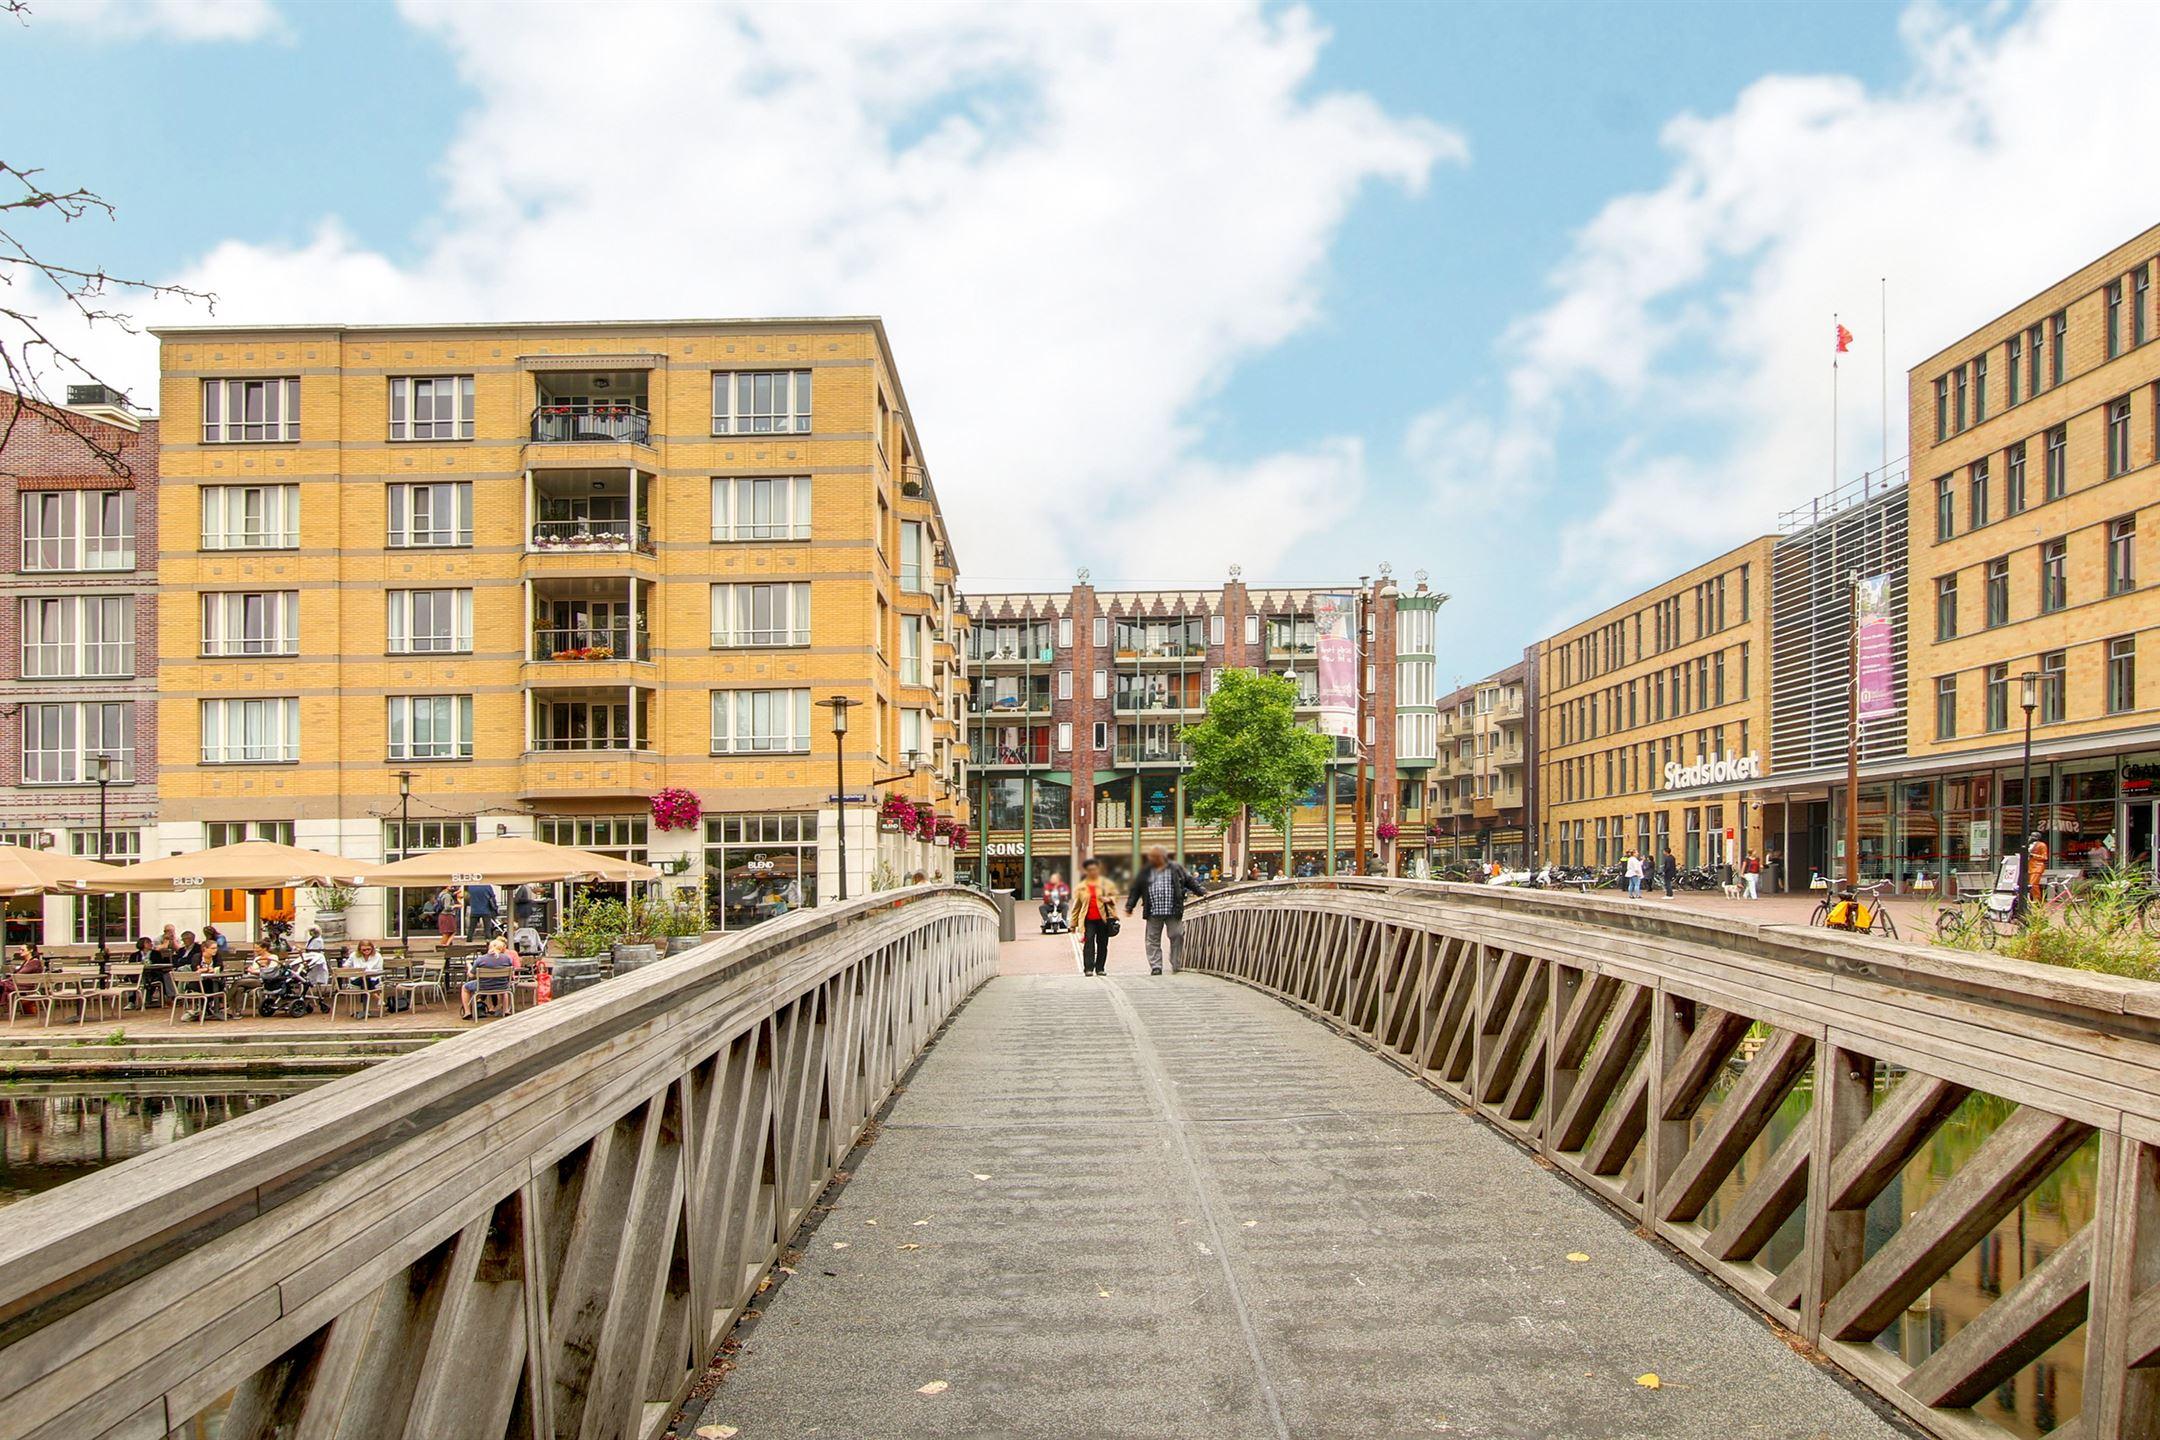 Parkeergelegenheid te koop linnaeuskade 7 84 1098 bd for Funda amsterdam watergraafsmeer